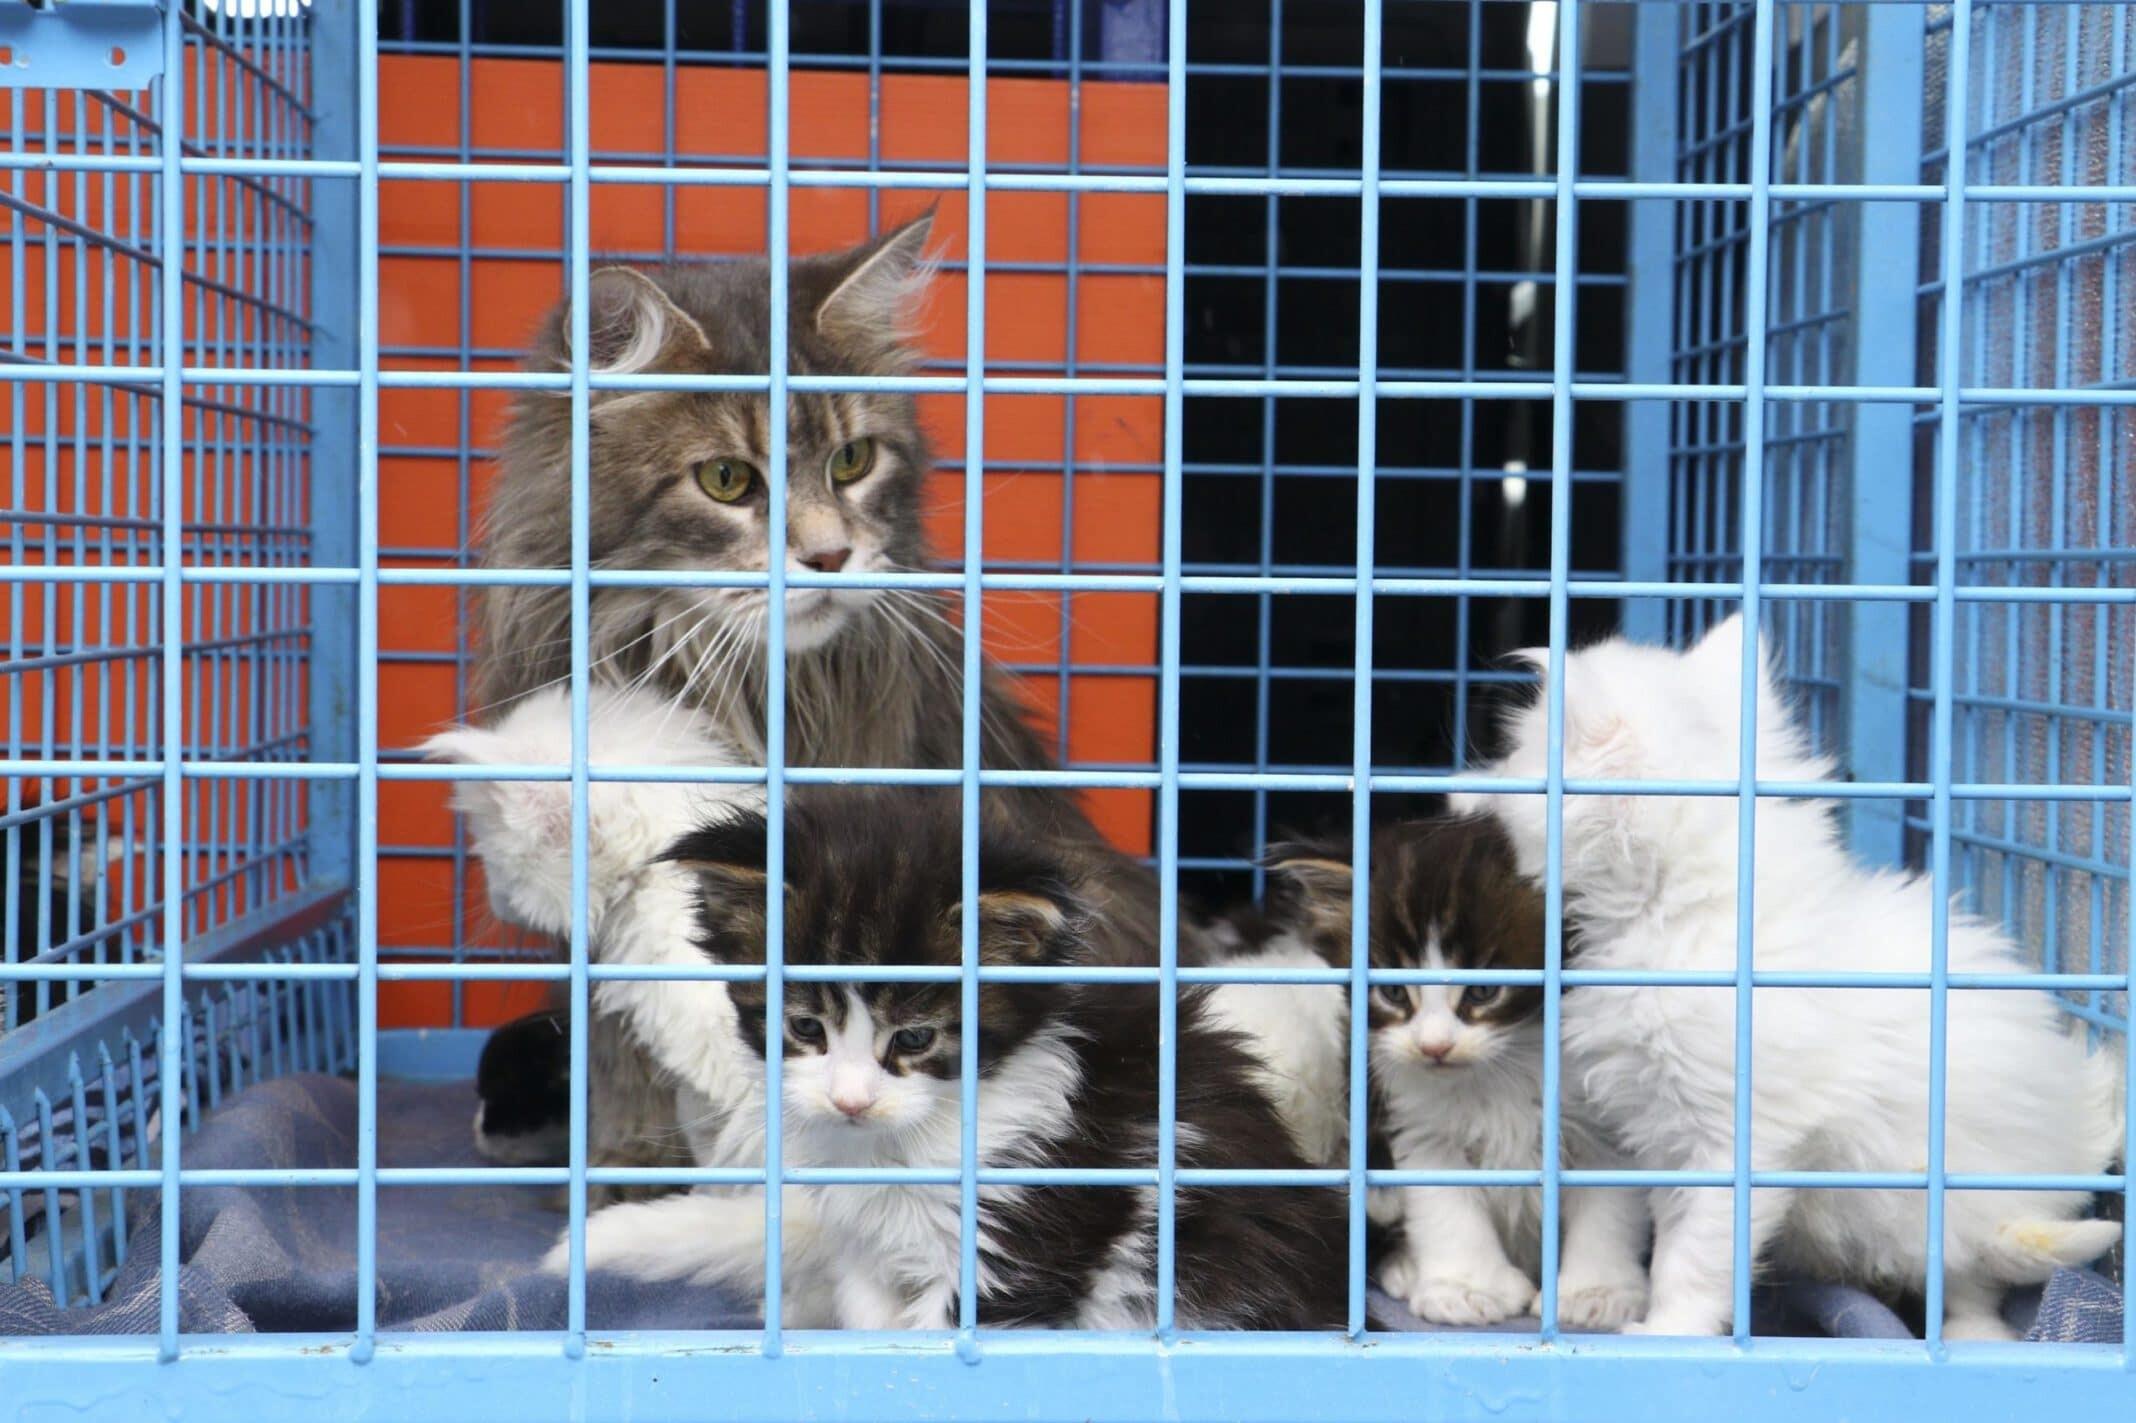 Melek n. 'nin evine yapılan baskında uygunsuz koşullarda beslediği için el konulan 29 norveç orman kedisinden 11'i sahiplendirildi, 18 yavru bakım altında.